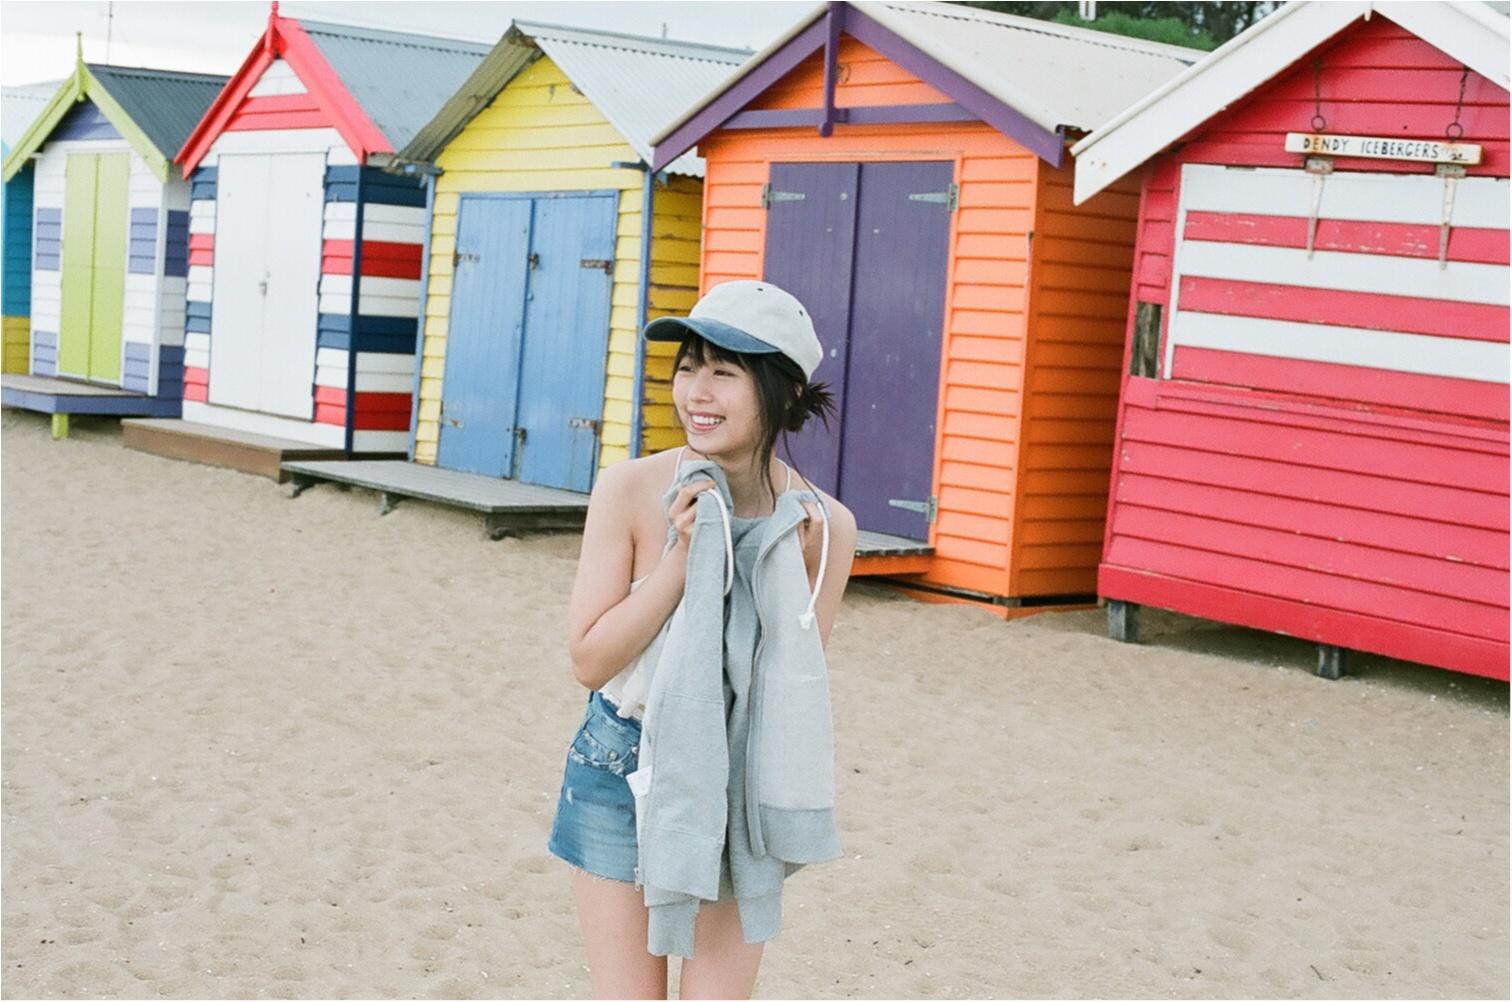 今日が25歳のバースディ! 女優・有村架純さんがセルフプロデュースの写真集を発売します!【5/9(水)発売予定】_2_3